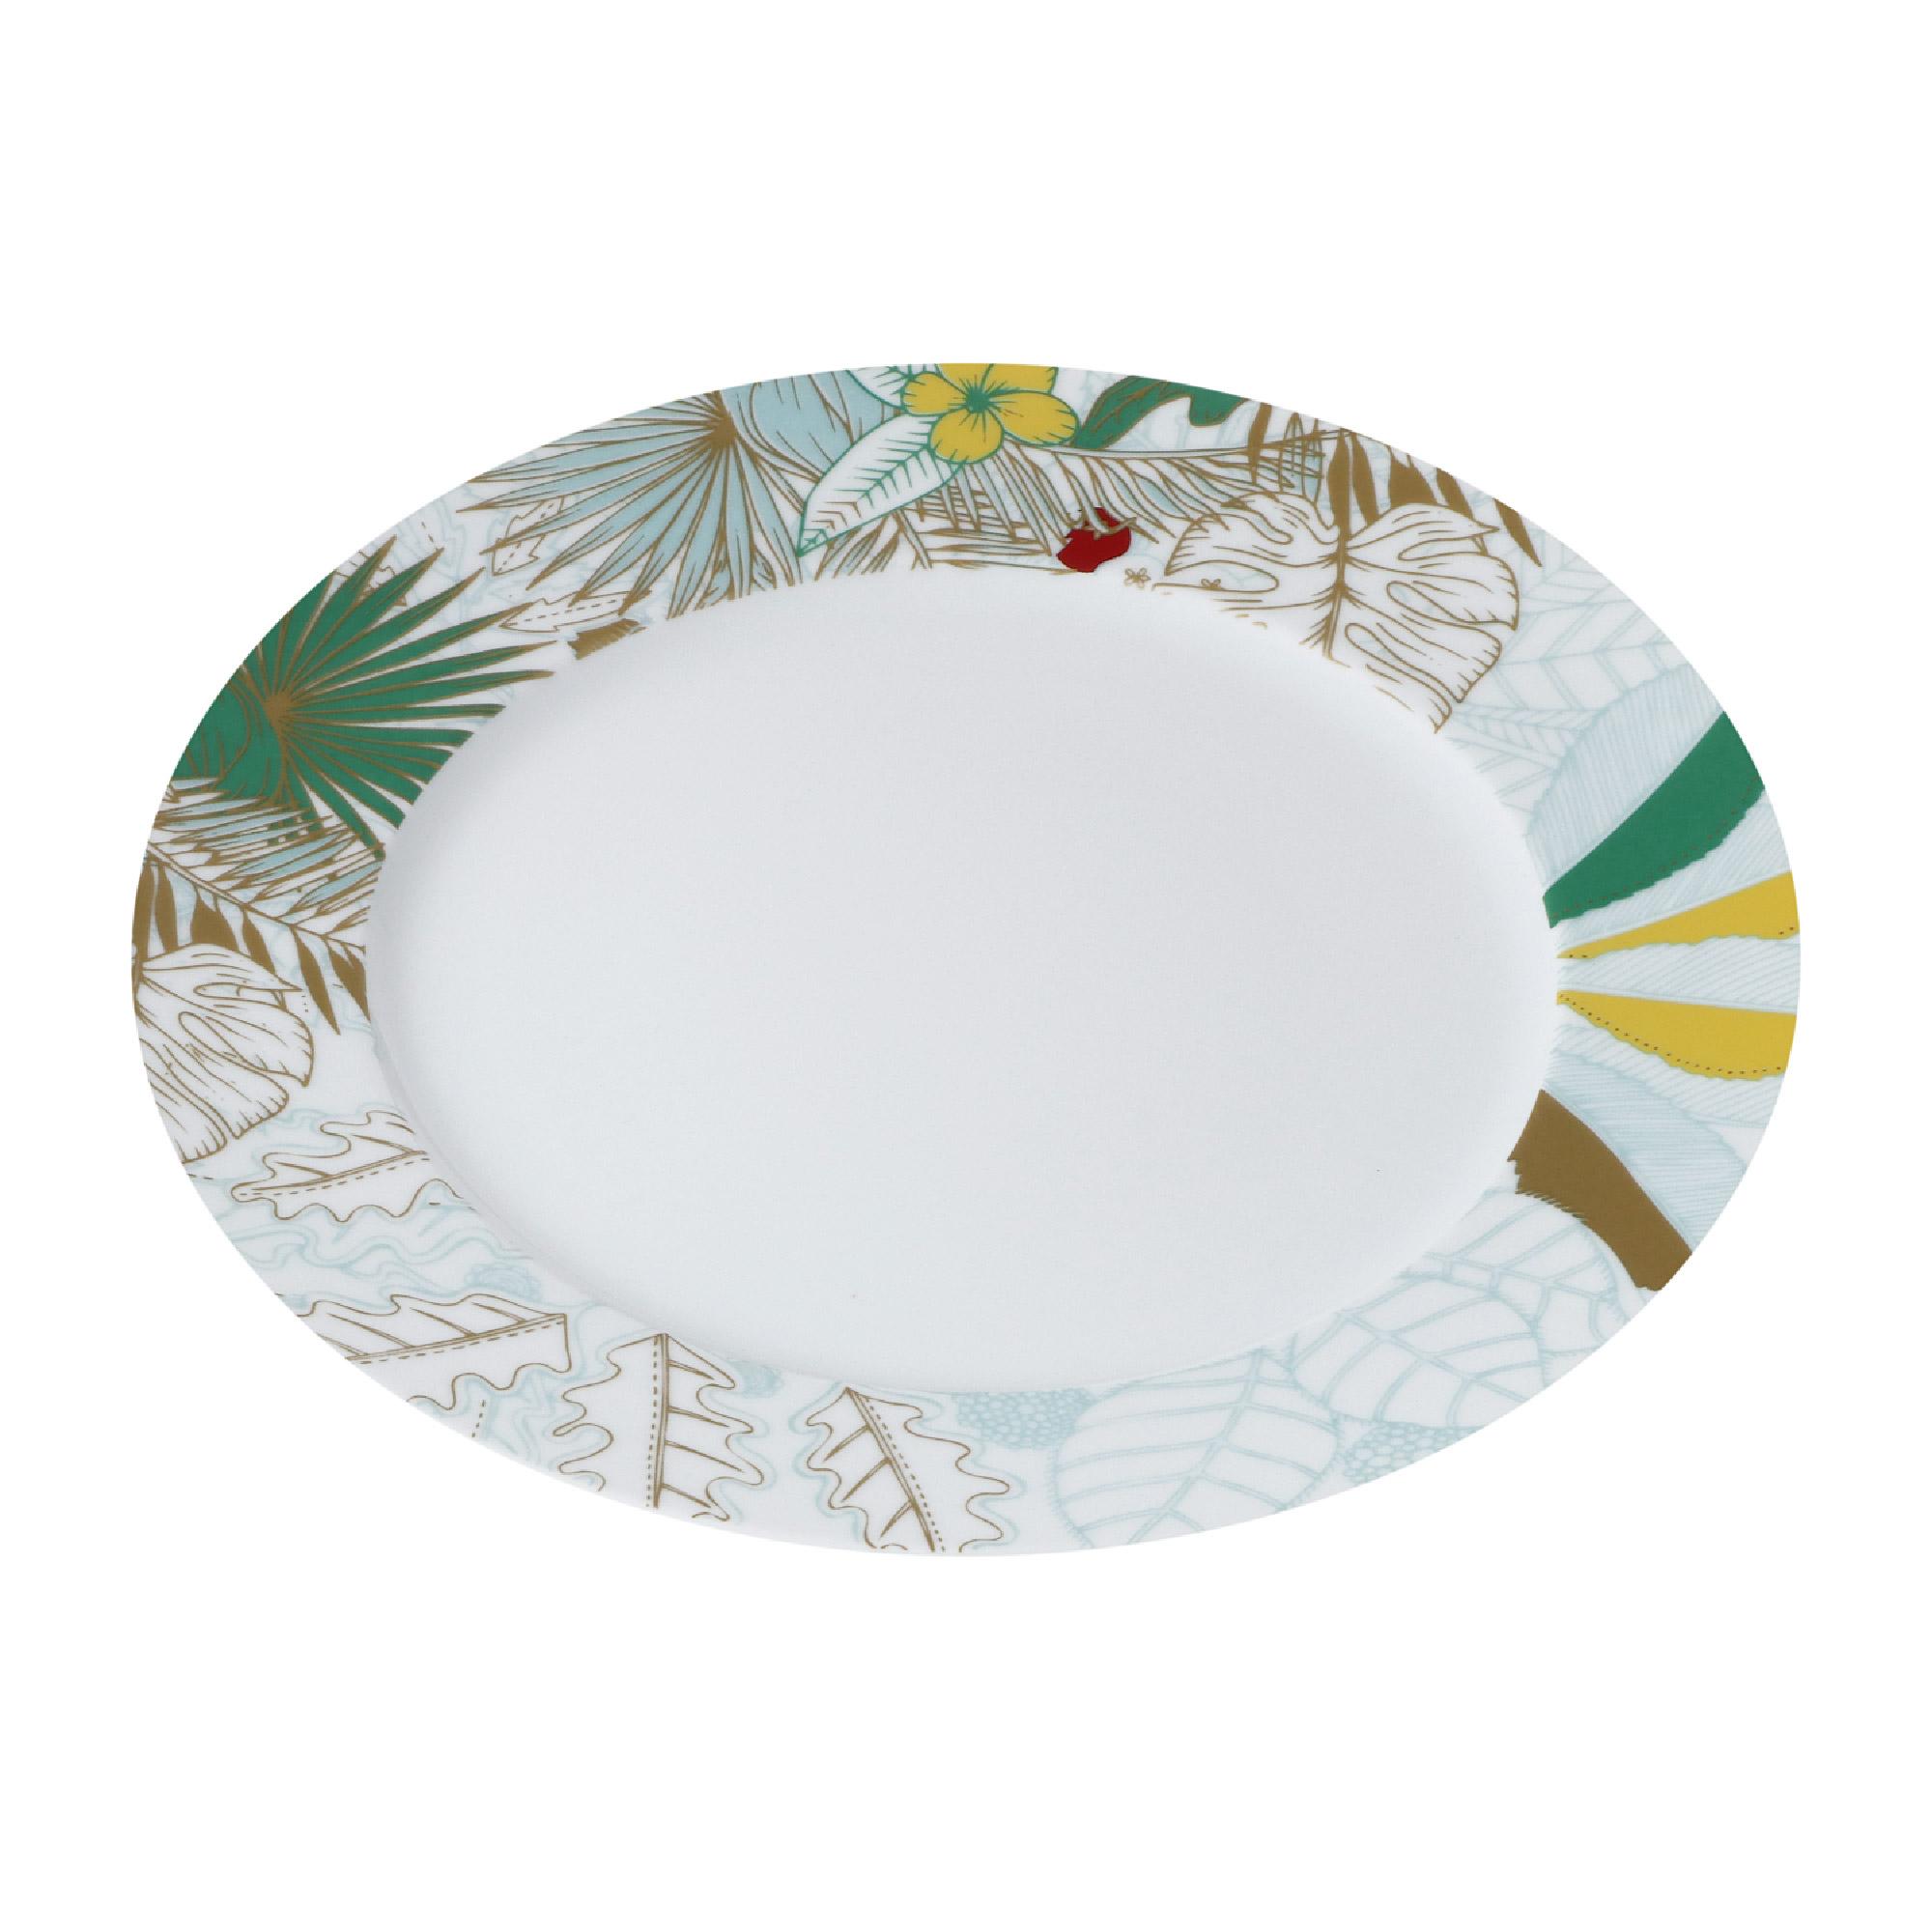 Тарелка Yves de la Rosiere обеденная Остров 27 см тарелка плоская yves de la rosiere cocooning 27 см